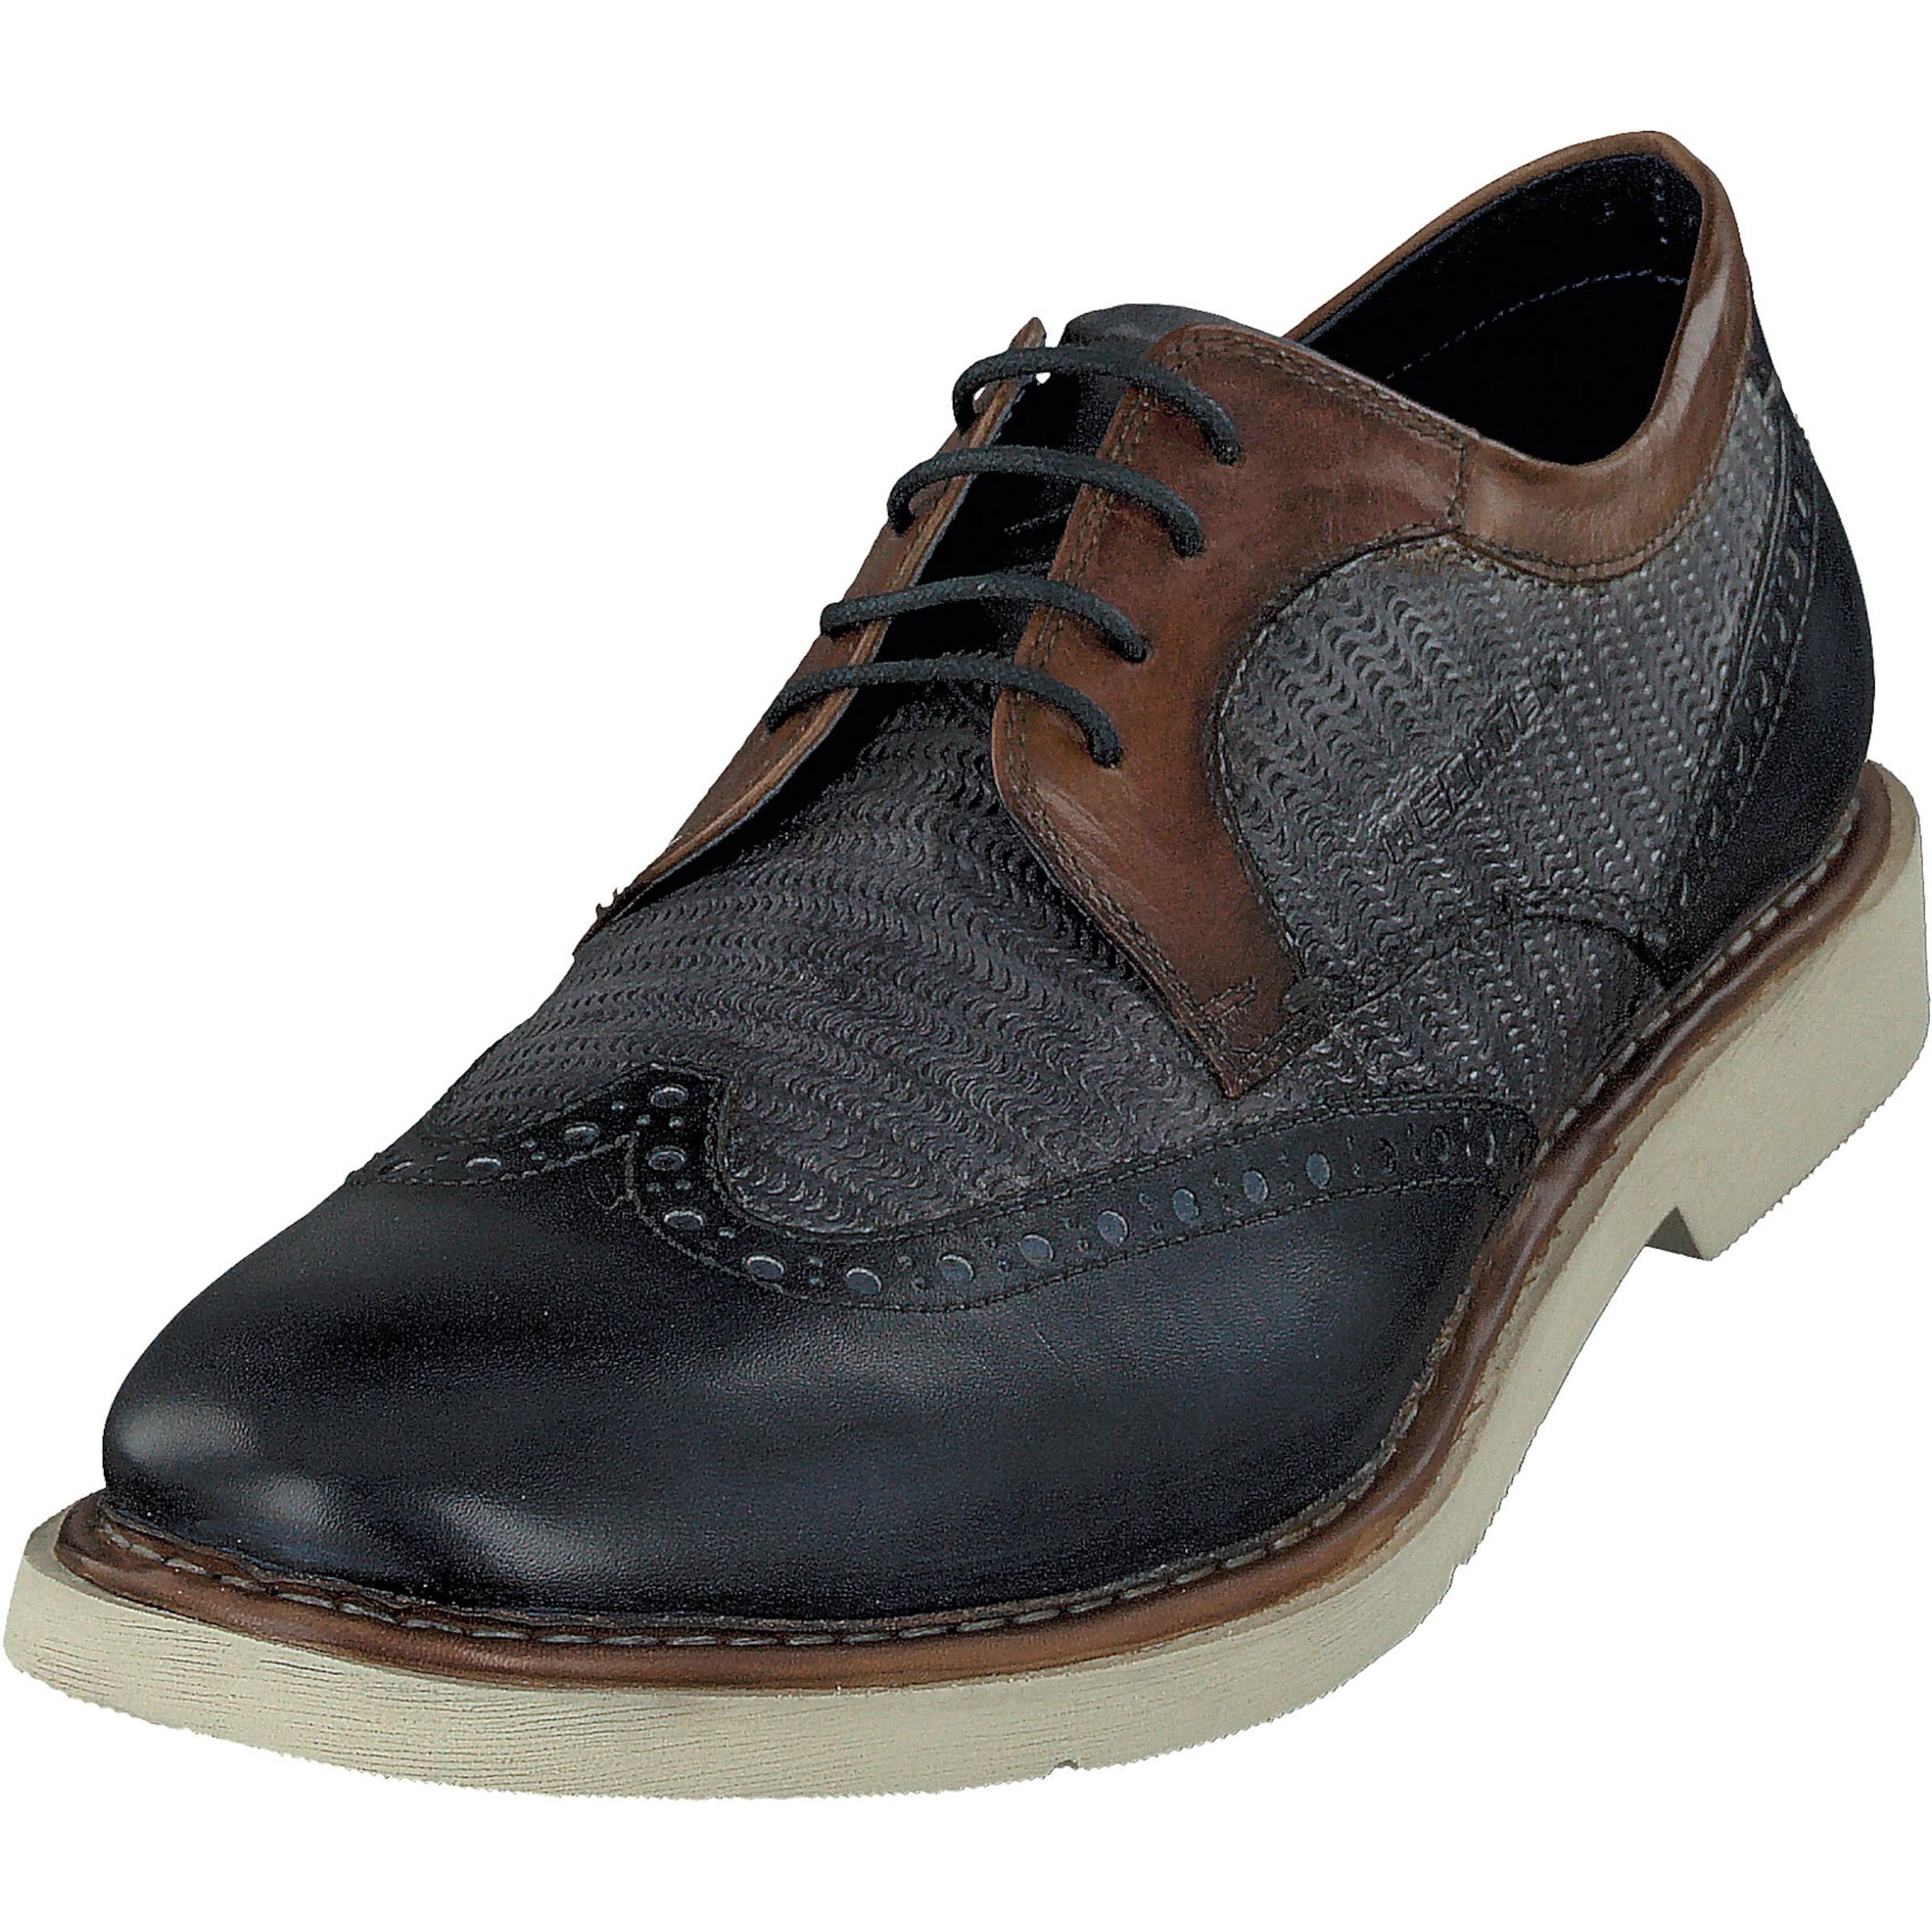 Haltbare Mode billige Schuhe DANIEL HECHTER | Schnürschuhe Schuhe Gut getragene Schuhe